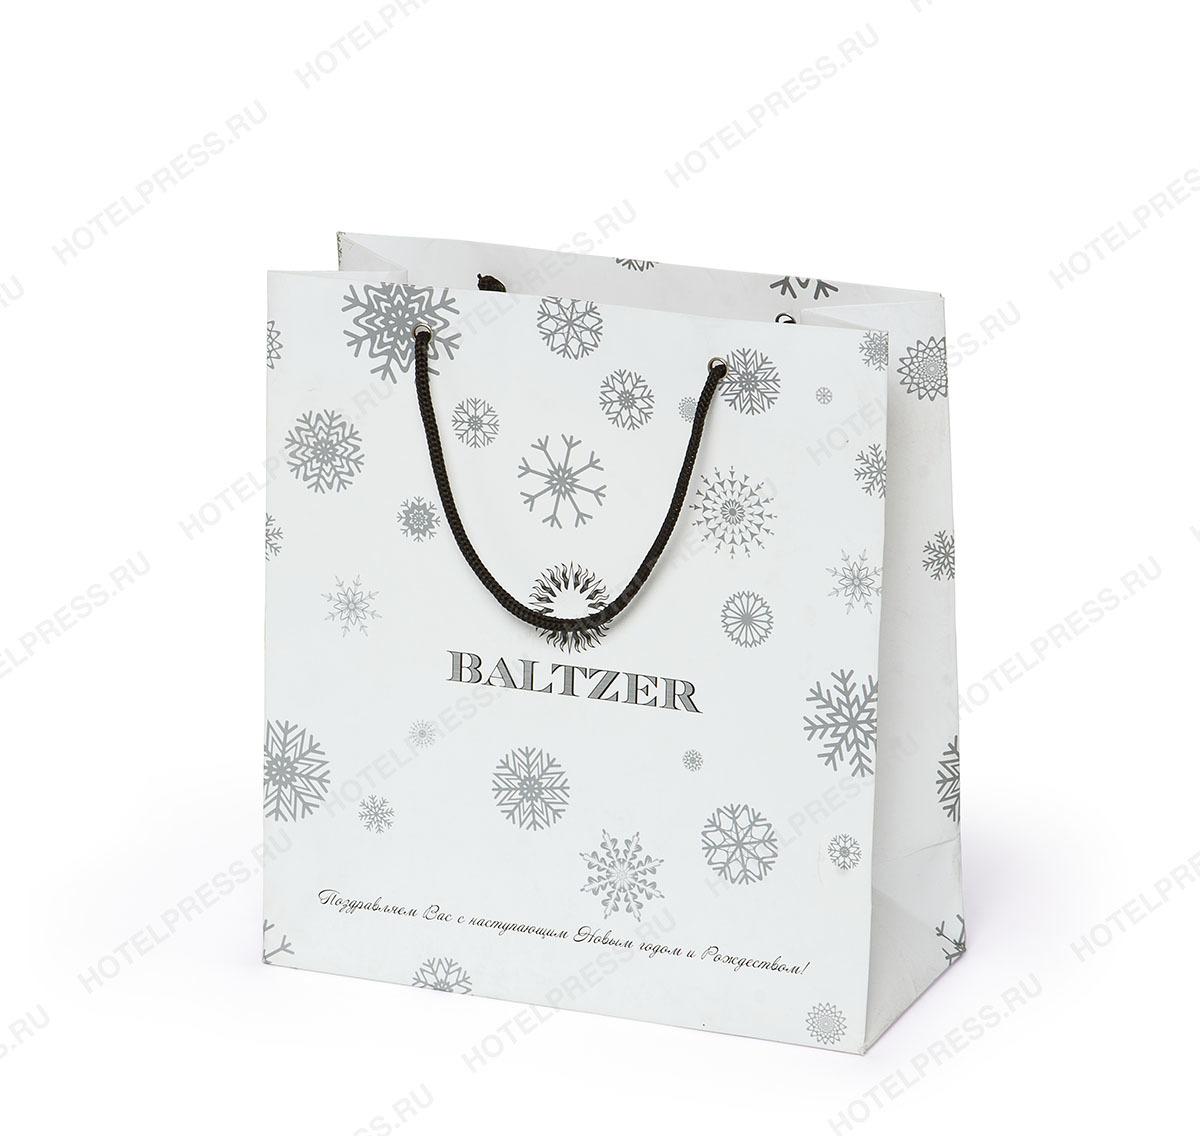 Пакет из мелованной бумаги с печать черной и серебренной краской.